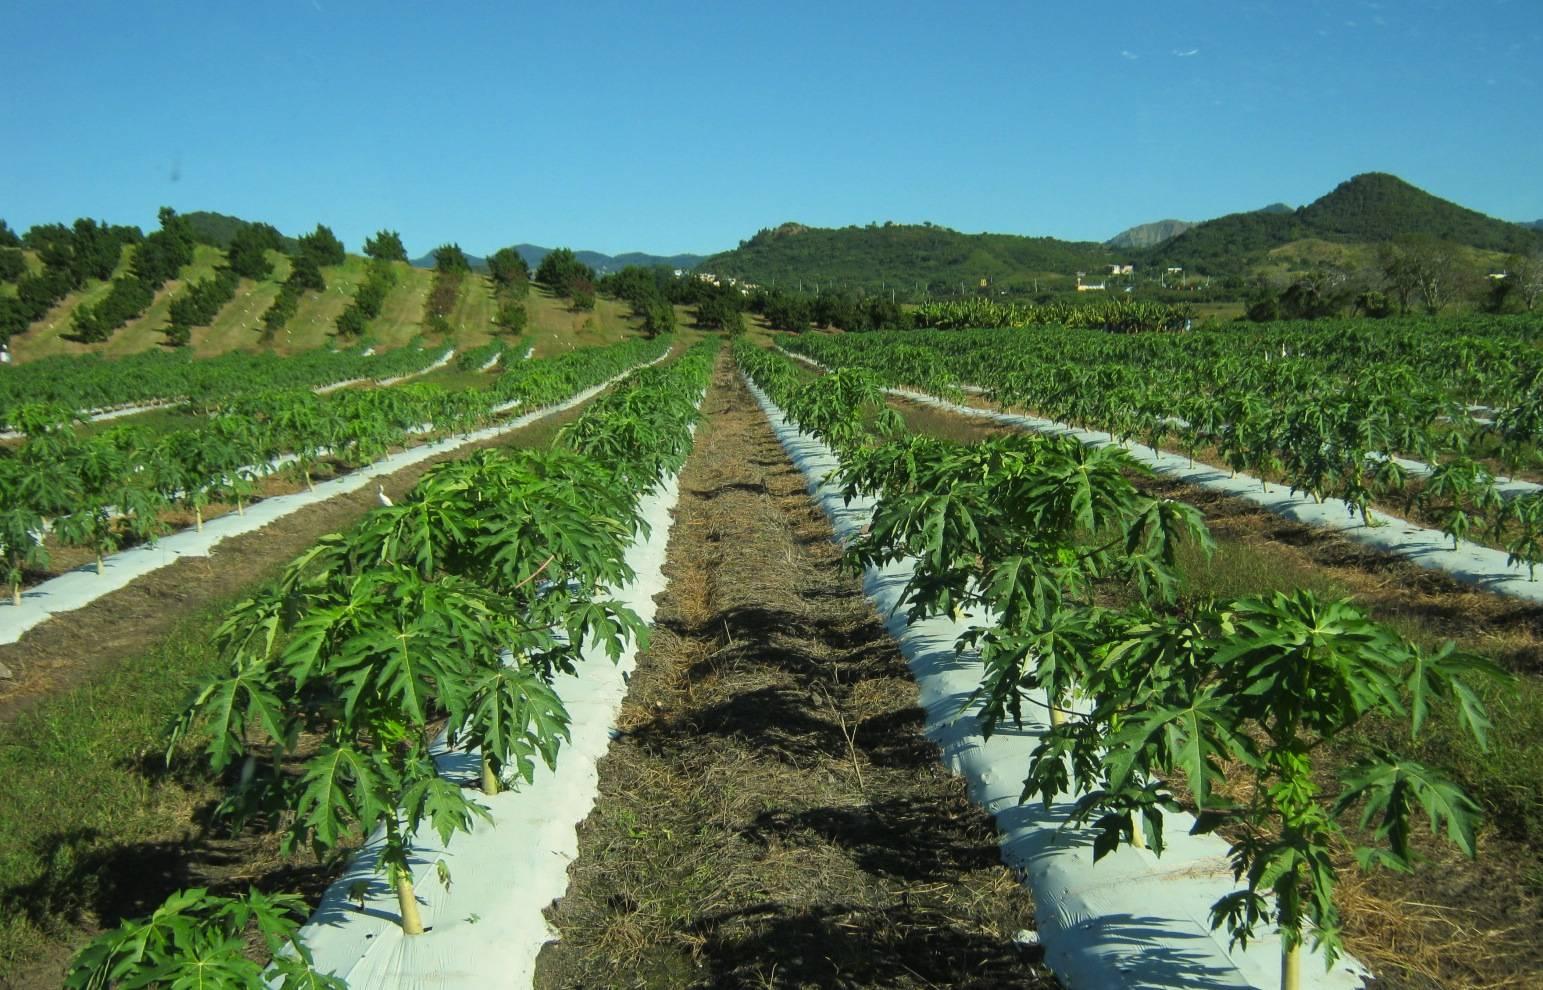 agriculturamorovis500907859-b44306974f629bb60193c3a87298a59a.jpg